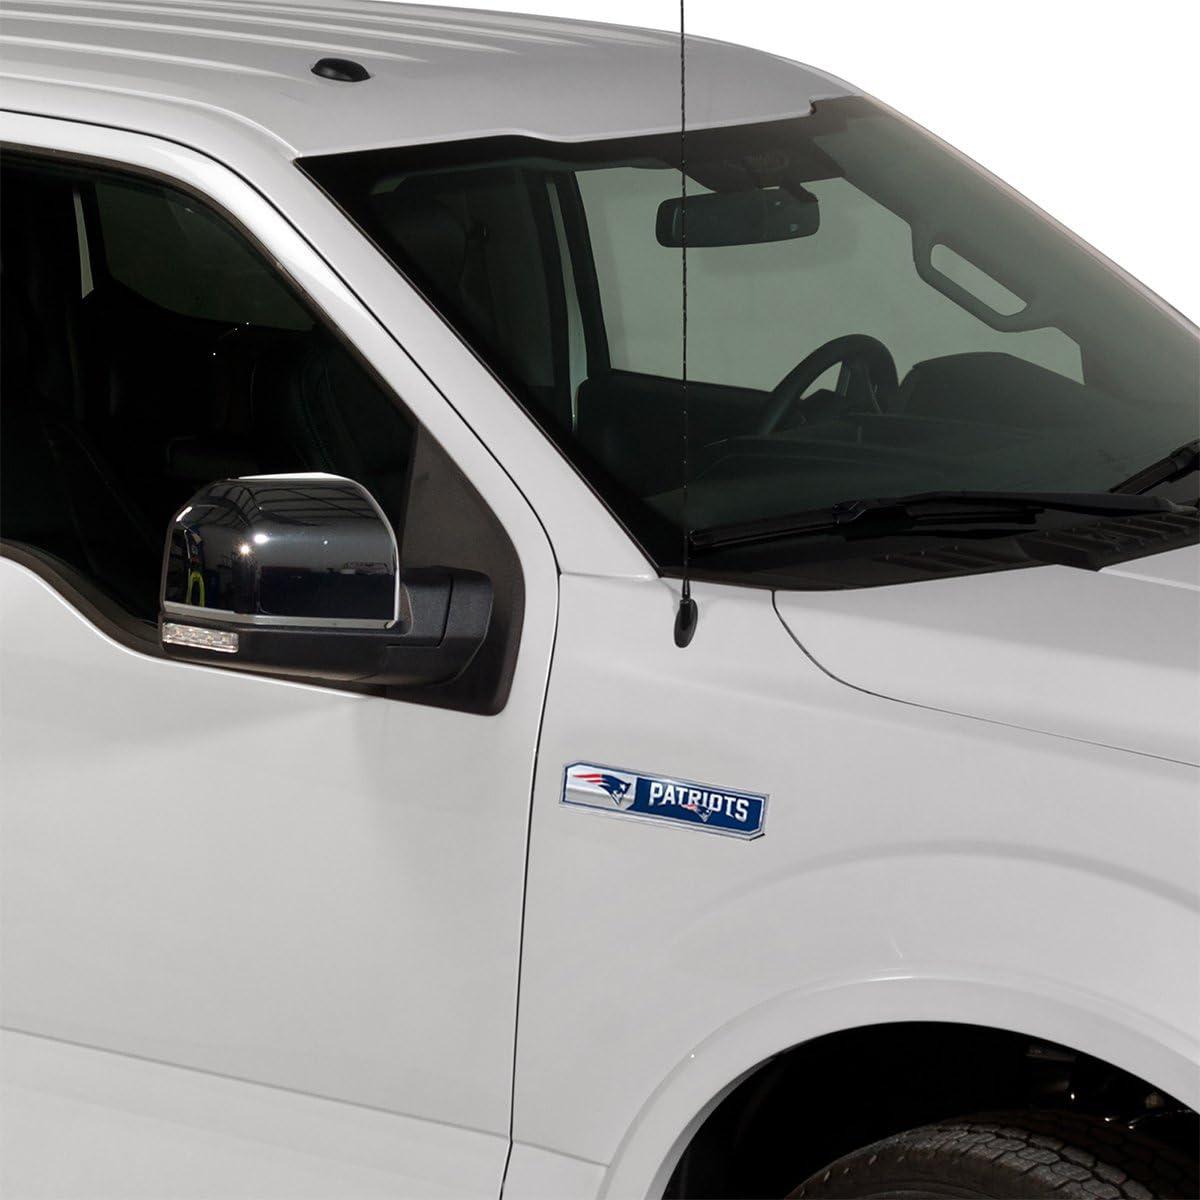 Detroit Lions 2 Piece Heavy Duty Alumnium Truck Emblem Set NFL